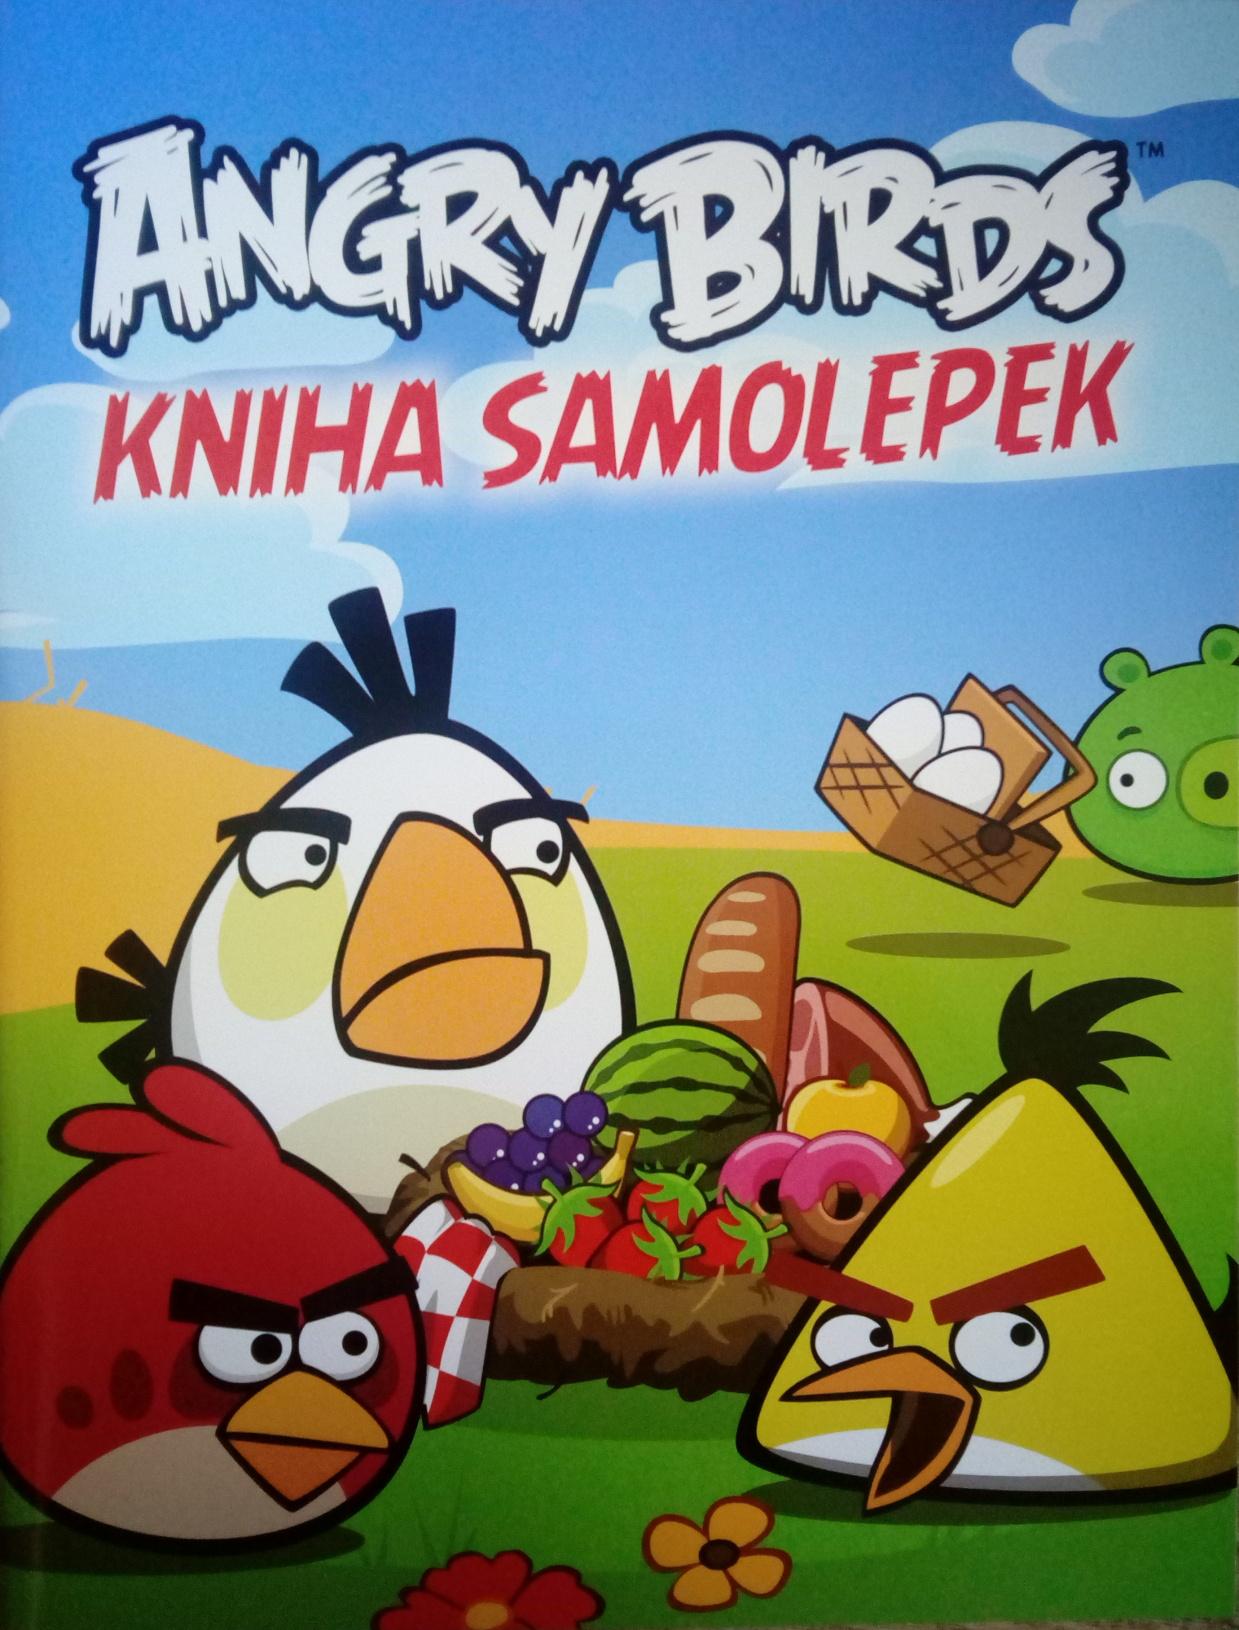 Angry Birds kniha samolepek